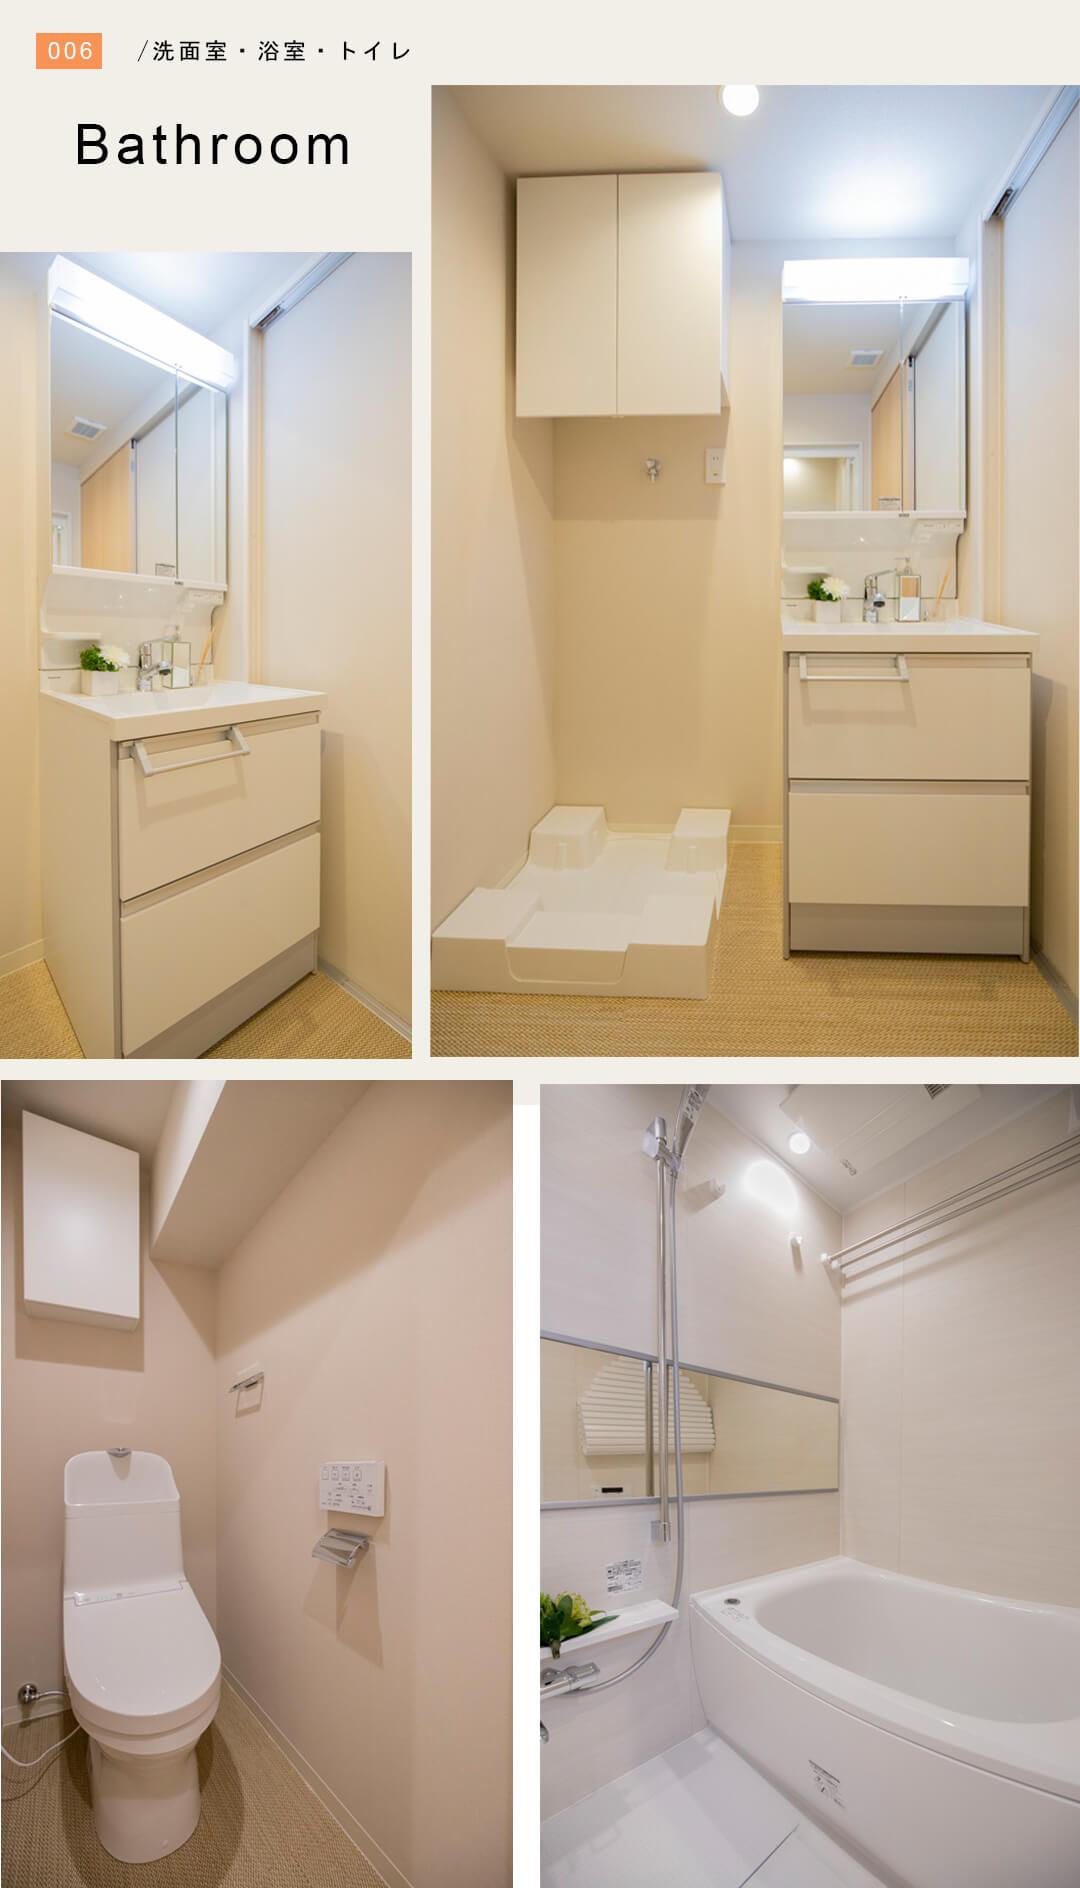 京王南台コーポラスの洗面室と浴室とトイレ